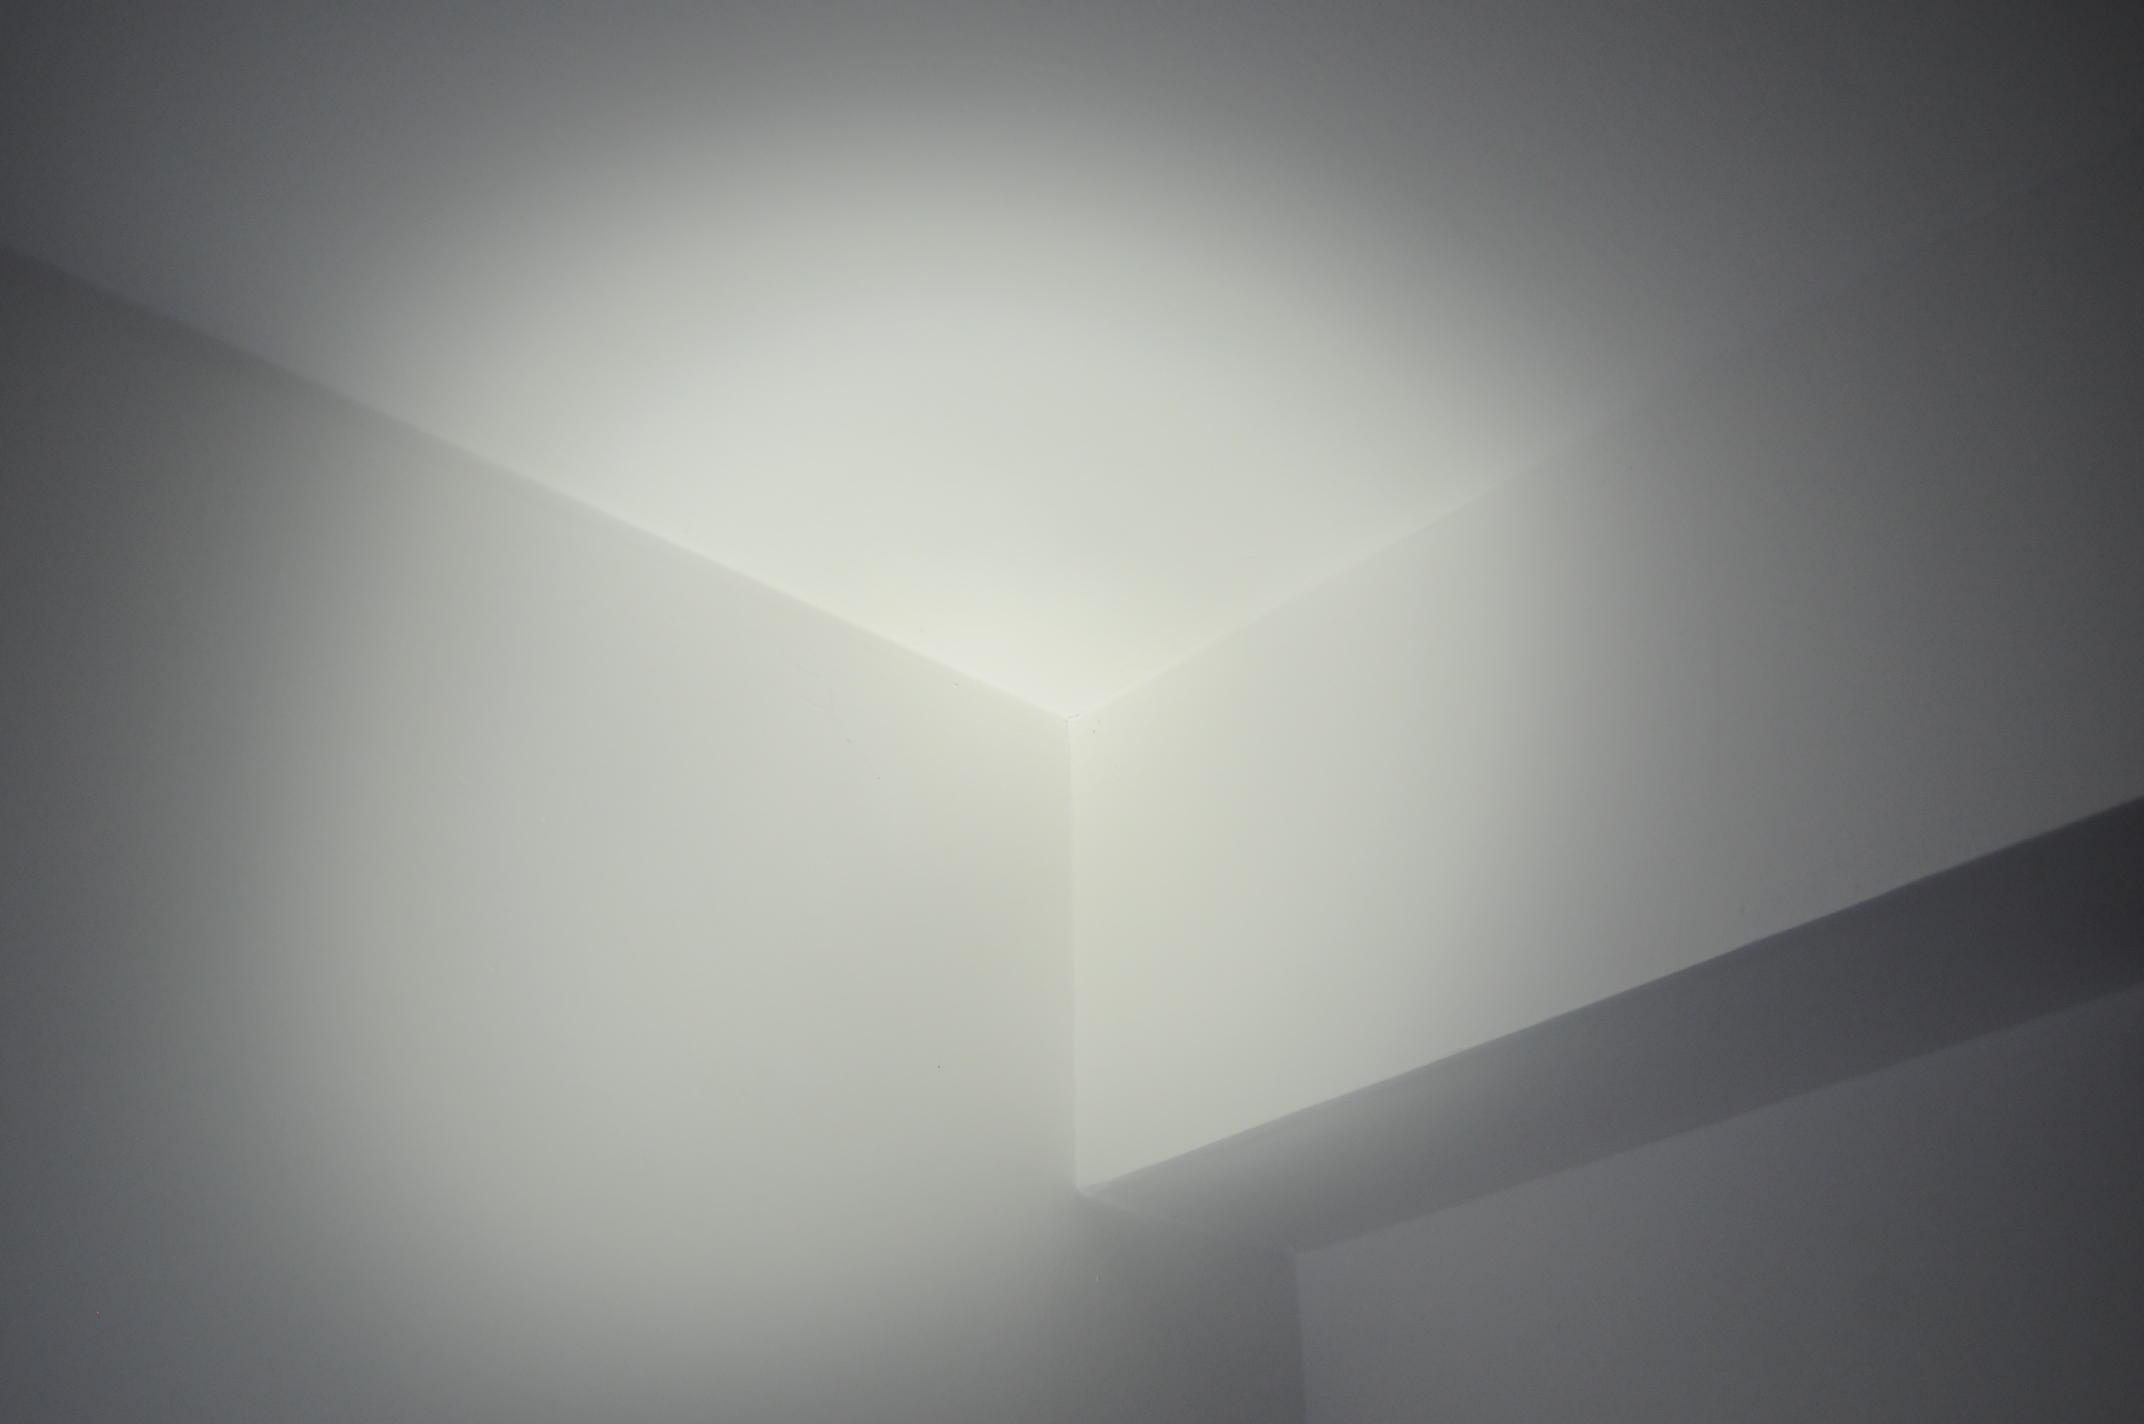 image-1070